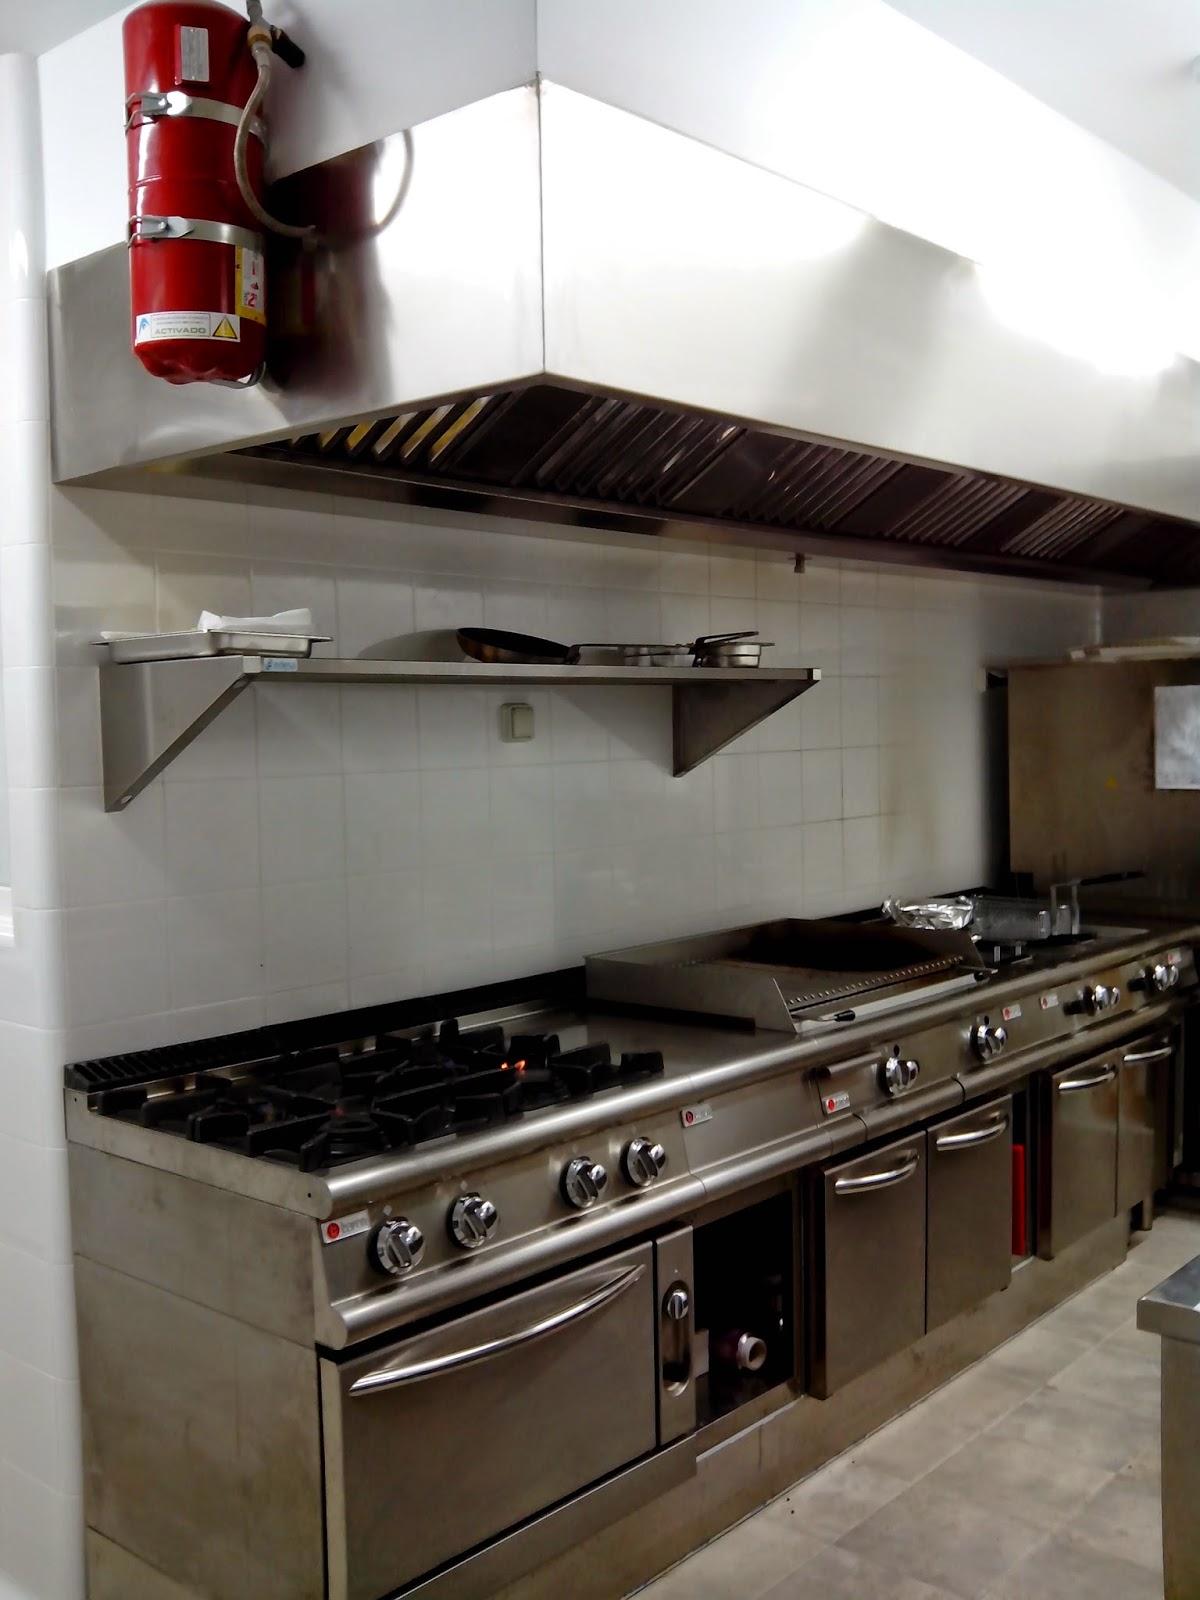 Humiclima en abril se inaugura el primer hotel ryans en ibiza for Cocina de restaurante